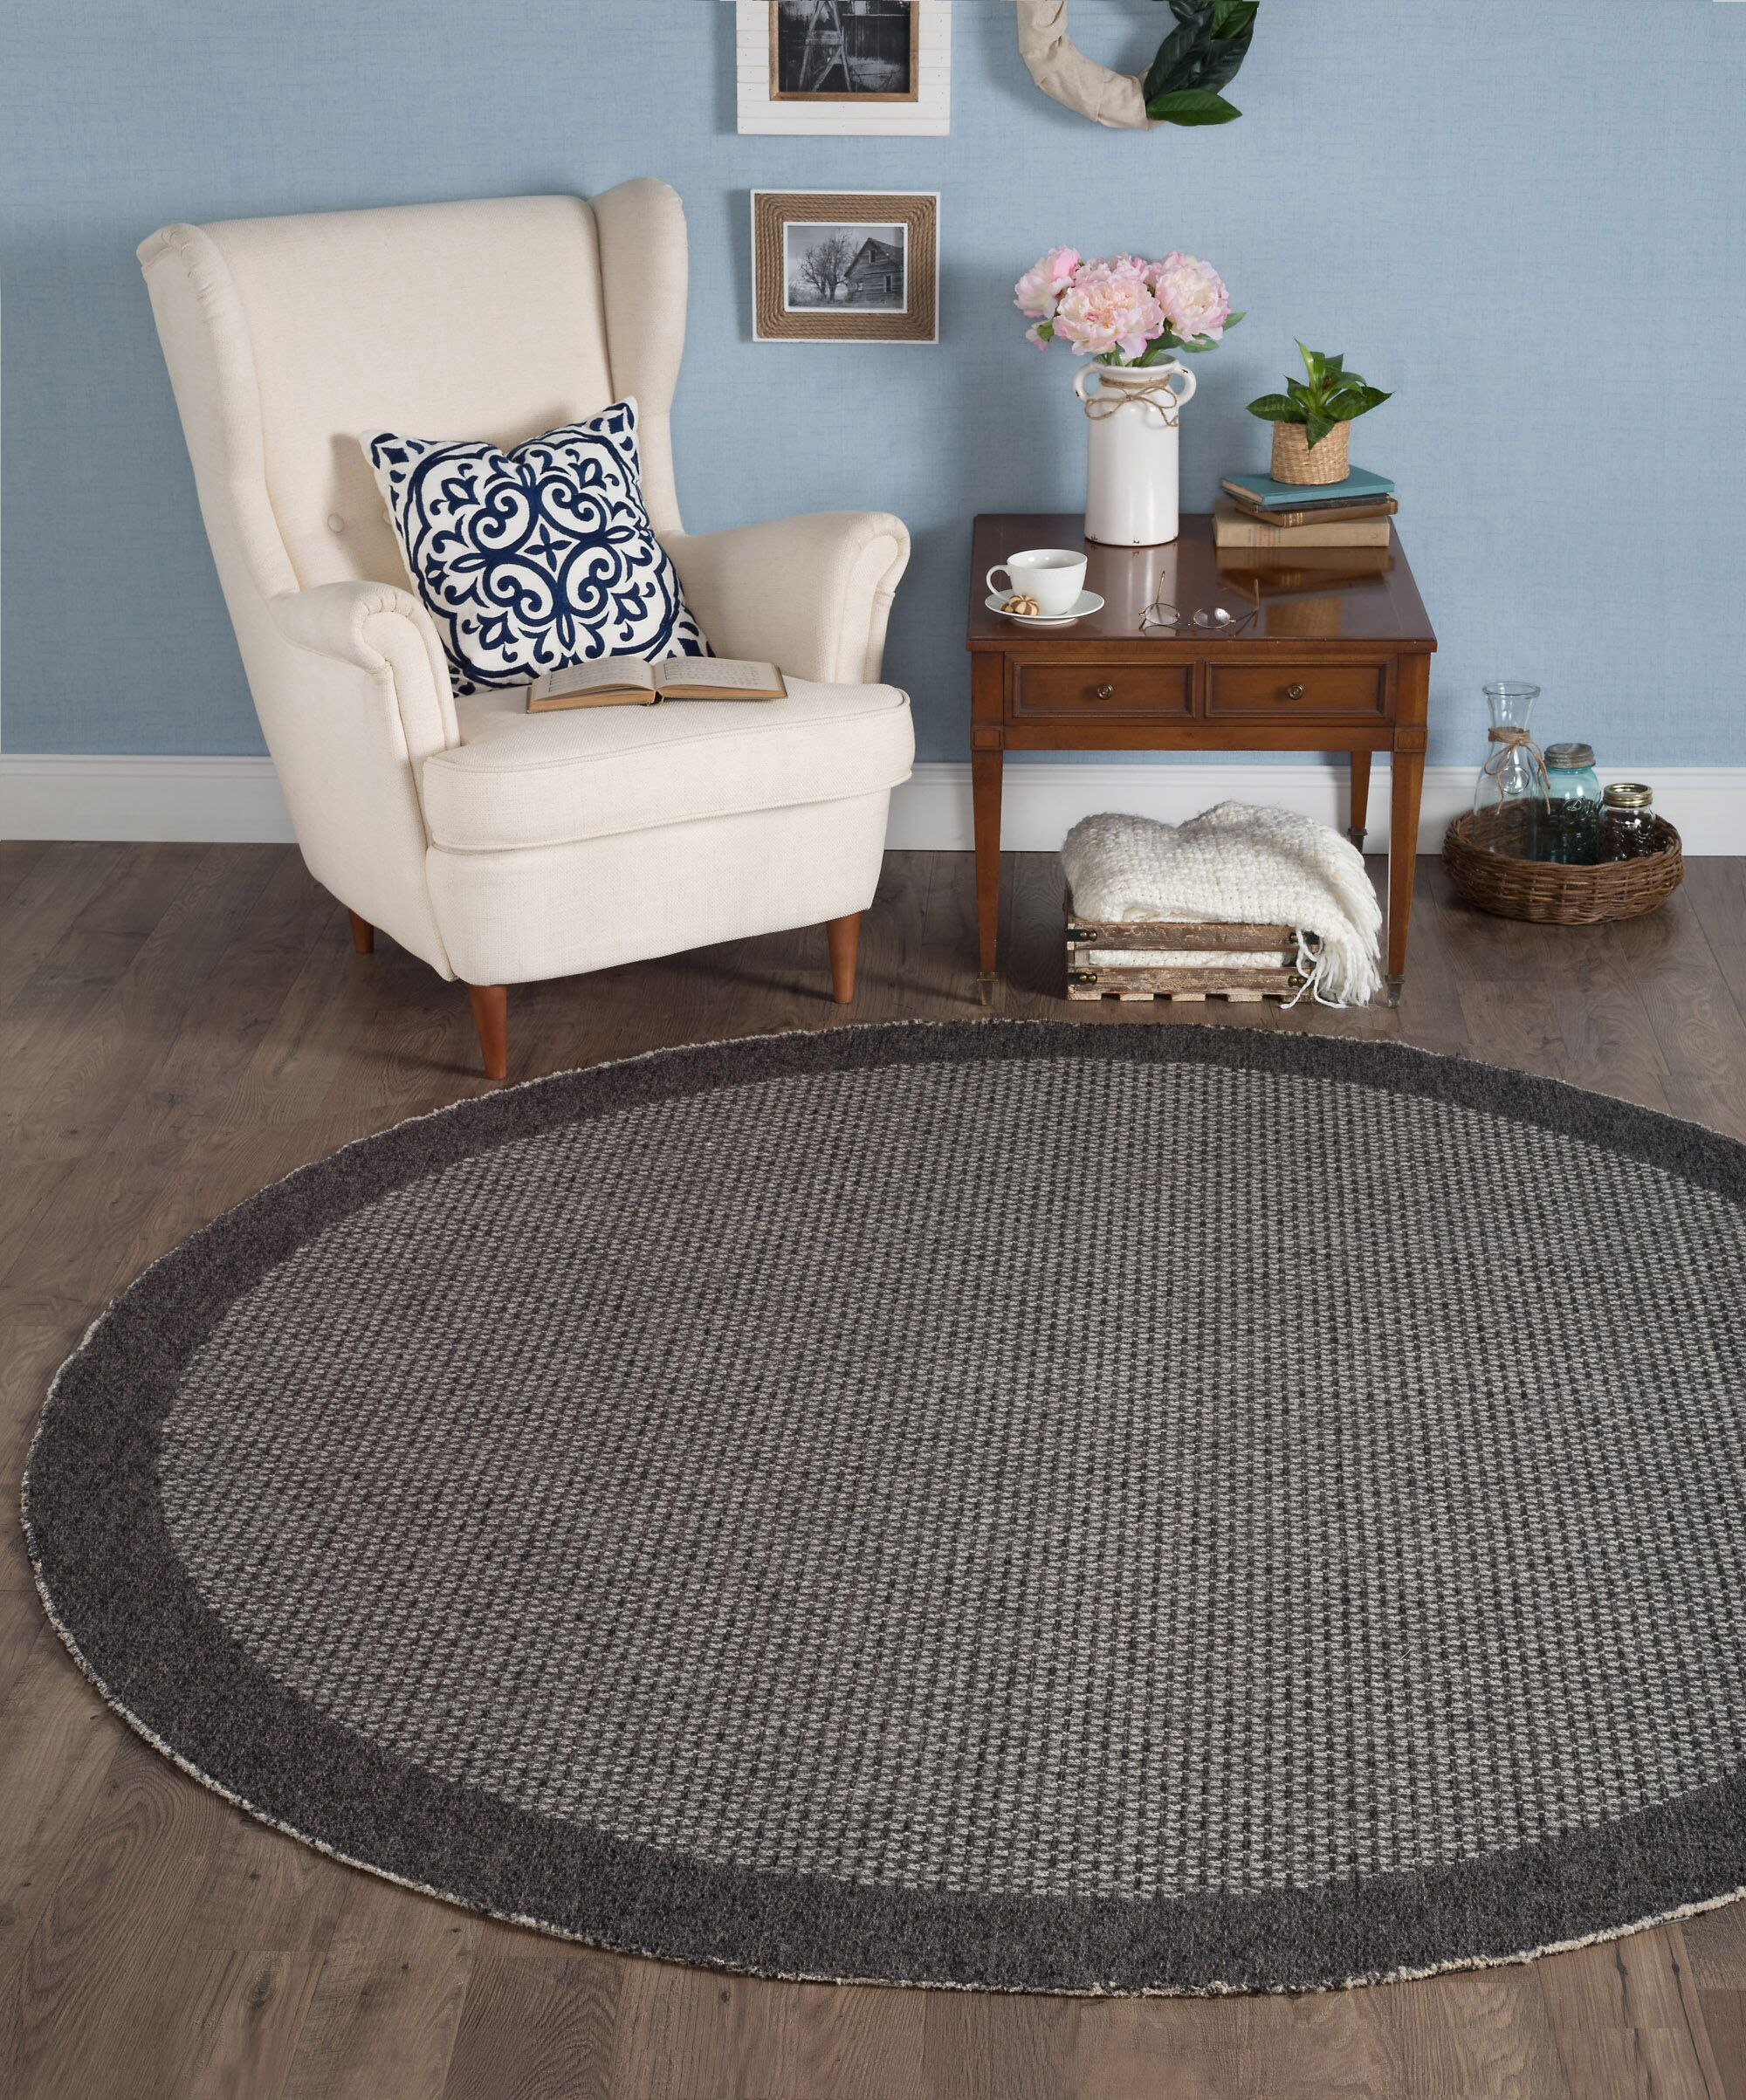 Felipe Black Indoor/Outdoor Area Rug Rug Size: Rectangle 8'10'' x 11'11''